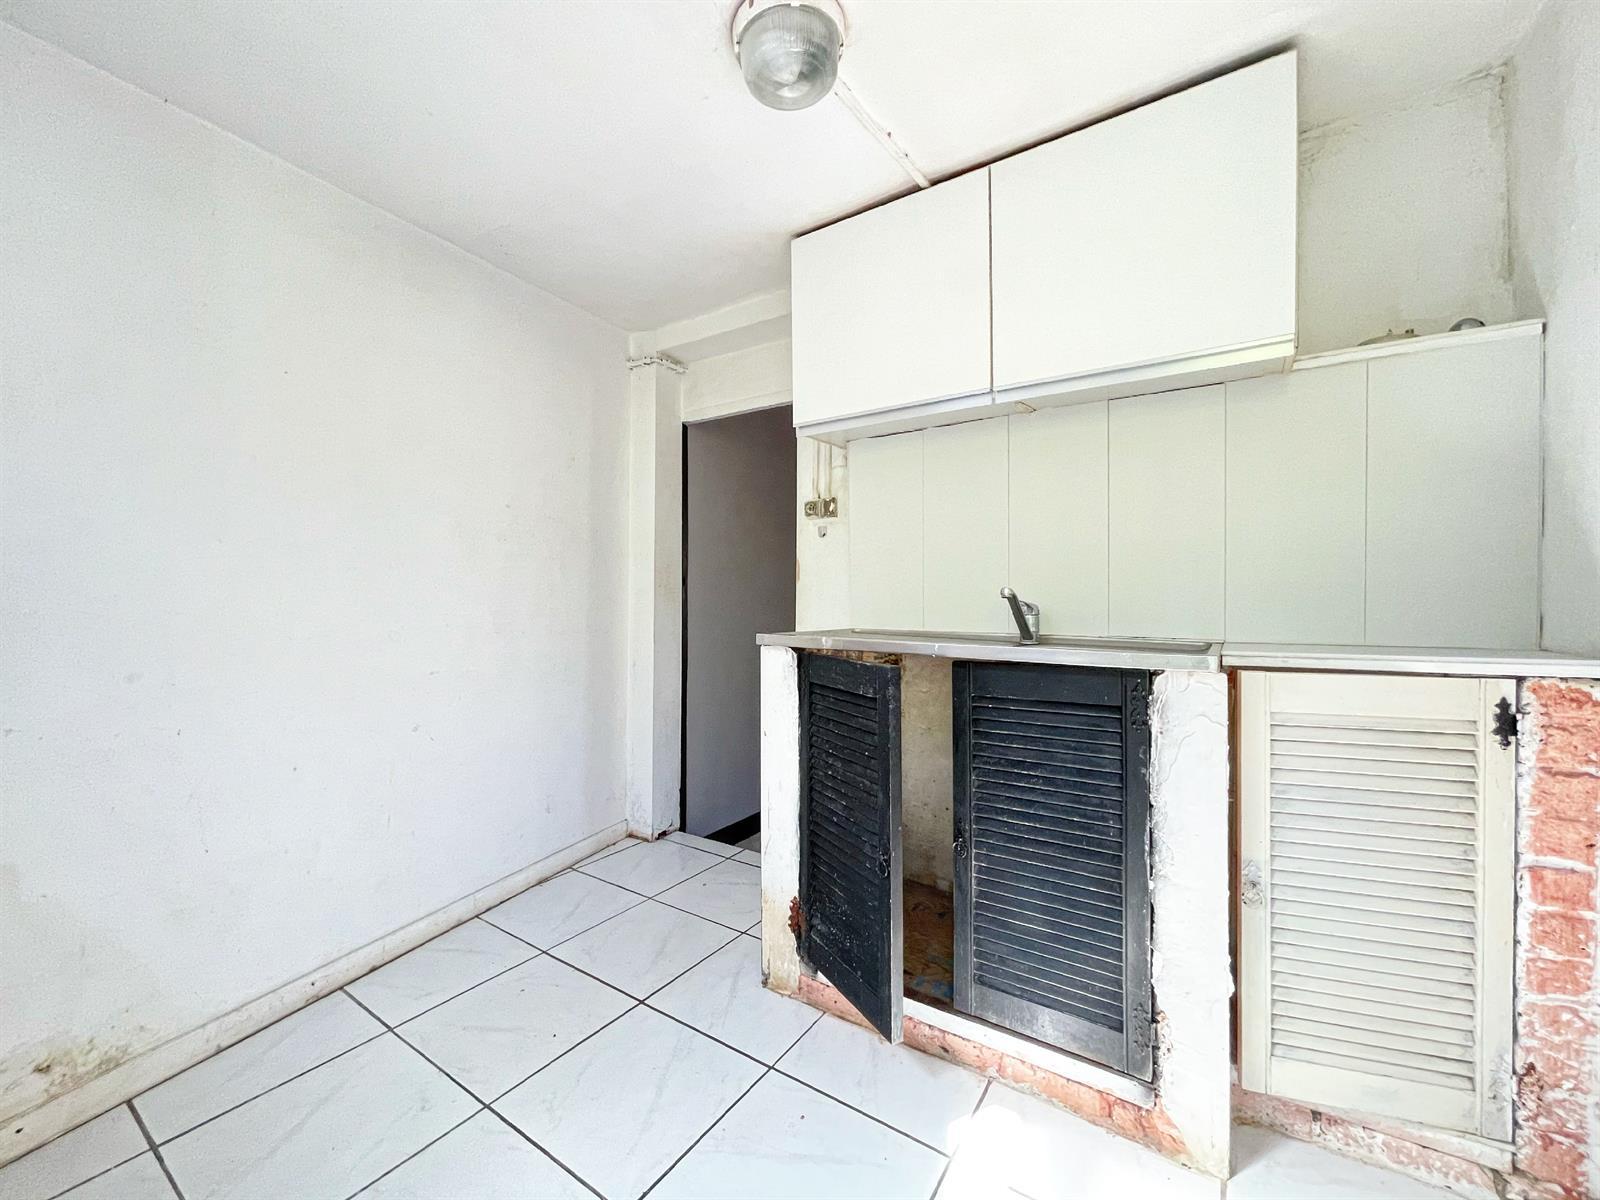 Huis - Liege - #4397614-4